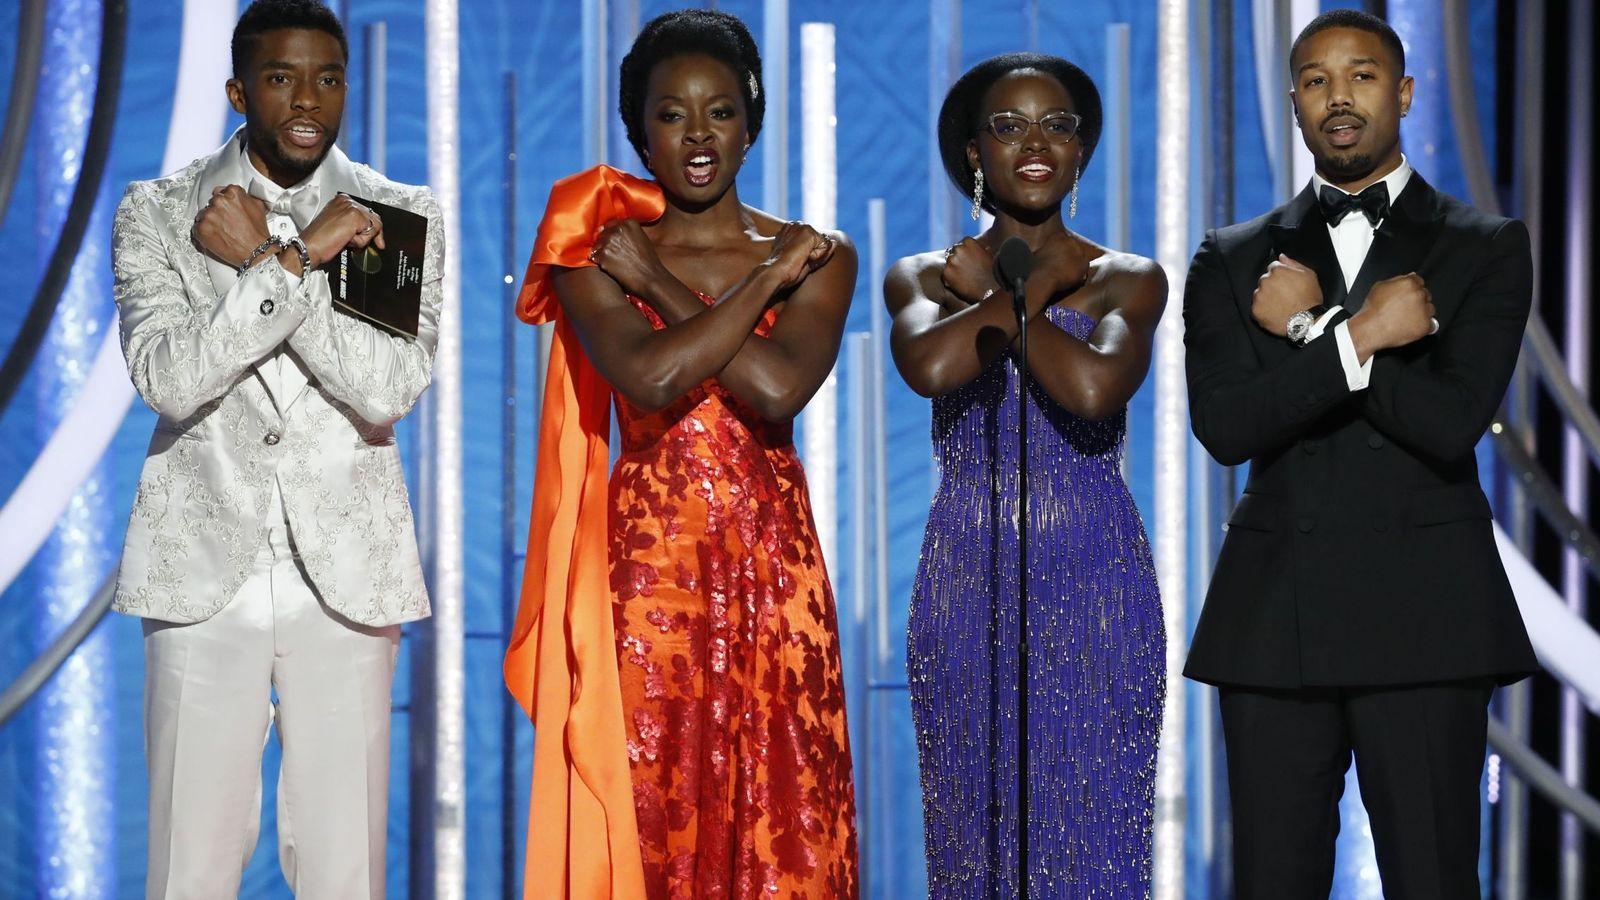 Foto: Los actores Chadwick Boseman, Danai Gurira, Lupita Nyong'o y Michael B. Jordan haciendo el saludo de moda en Hollywood. (Reuters)